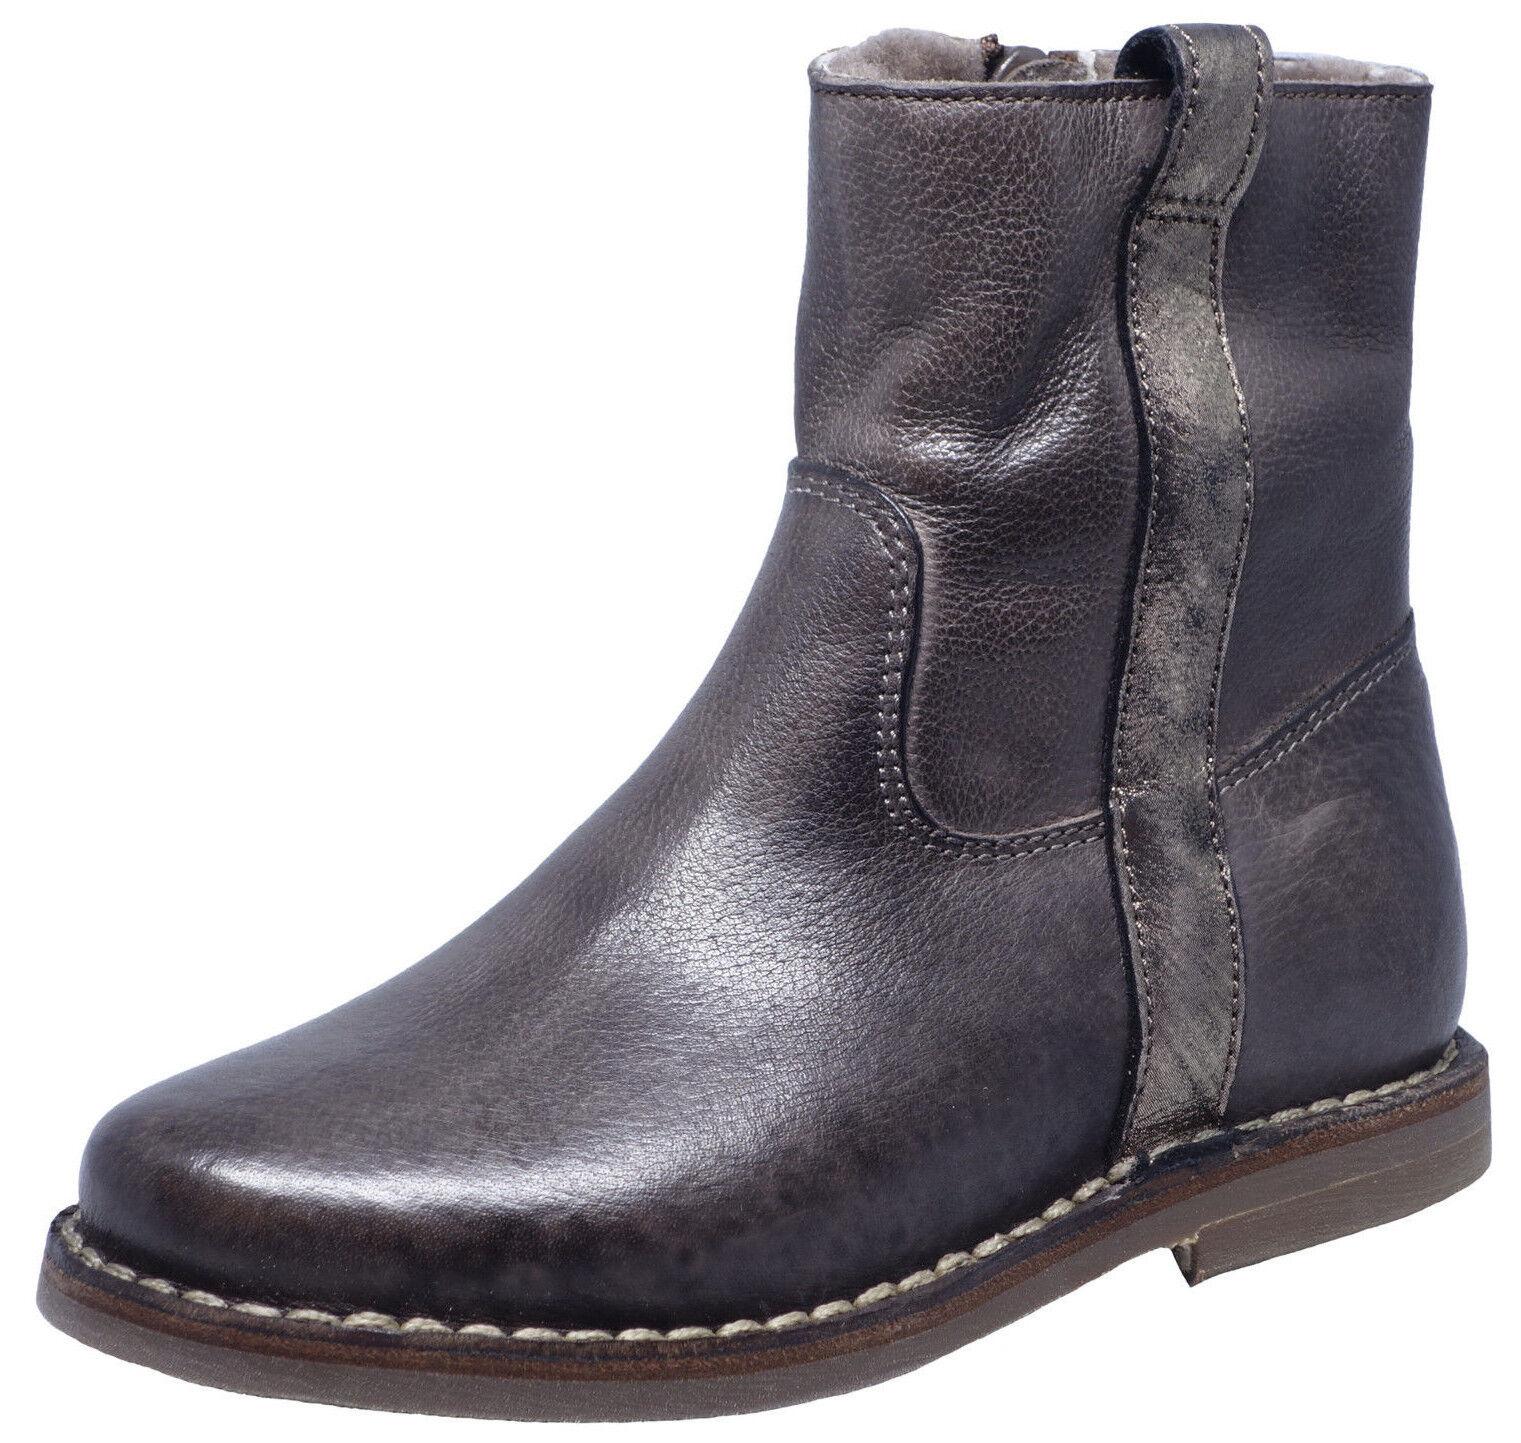 Descuento de la marca Grandes zapatos con descuento Zecchino d'Oro F16 4623 Taupe Lammfell Stiefeletten Chelsea Boots 28 - 37 Neu